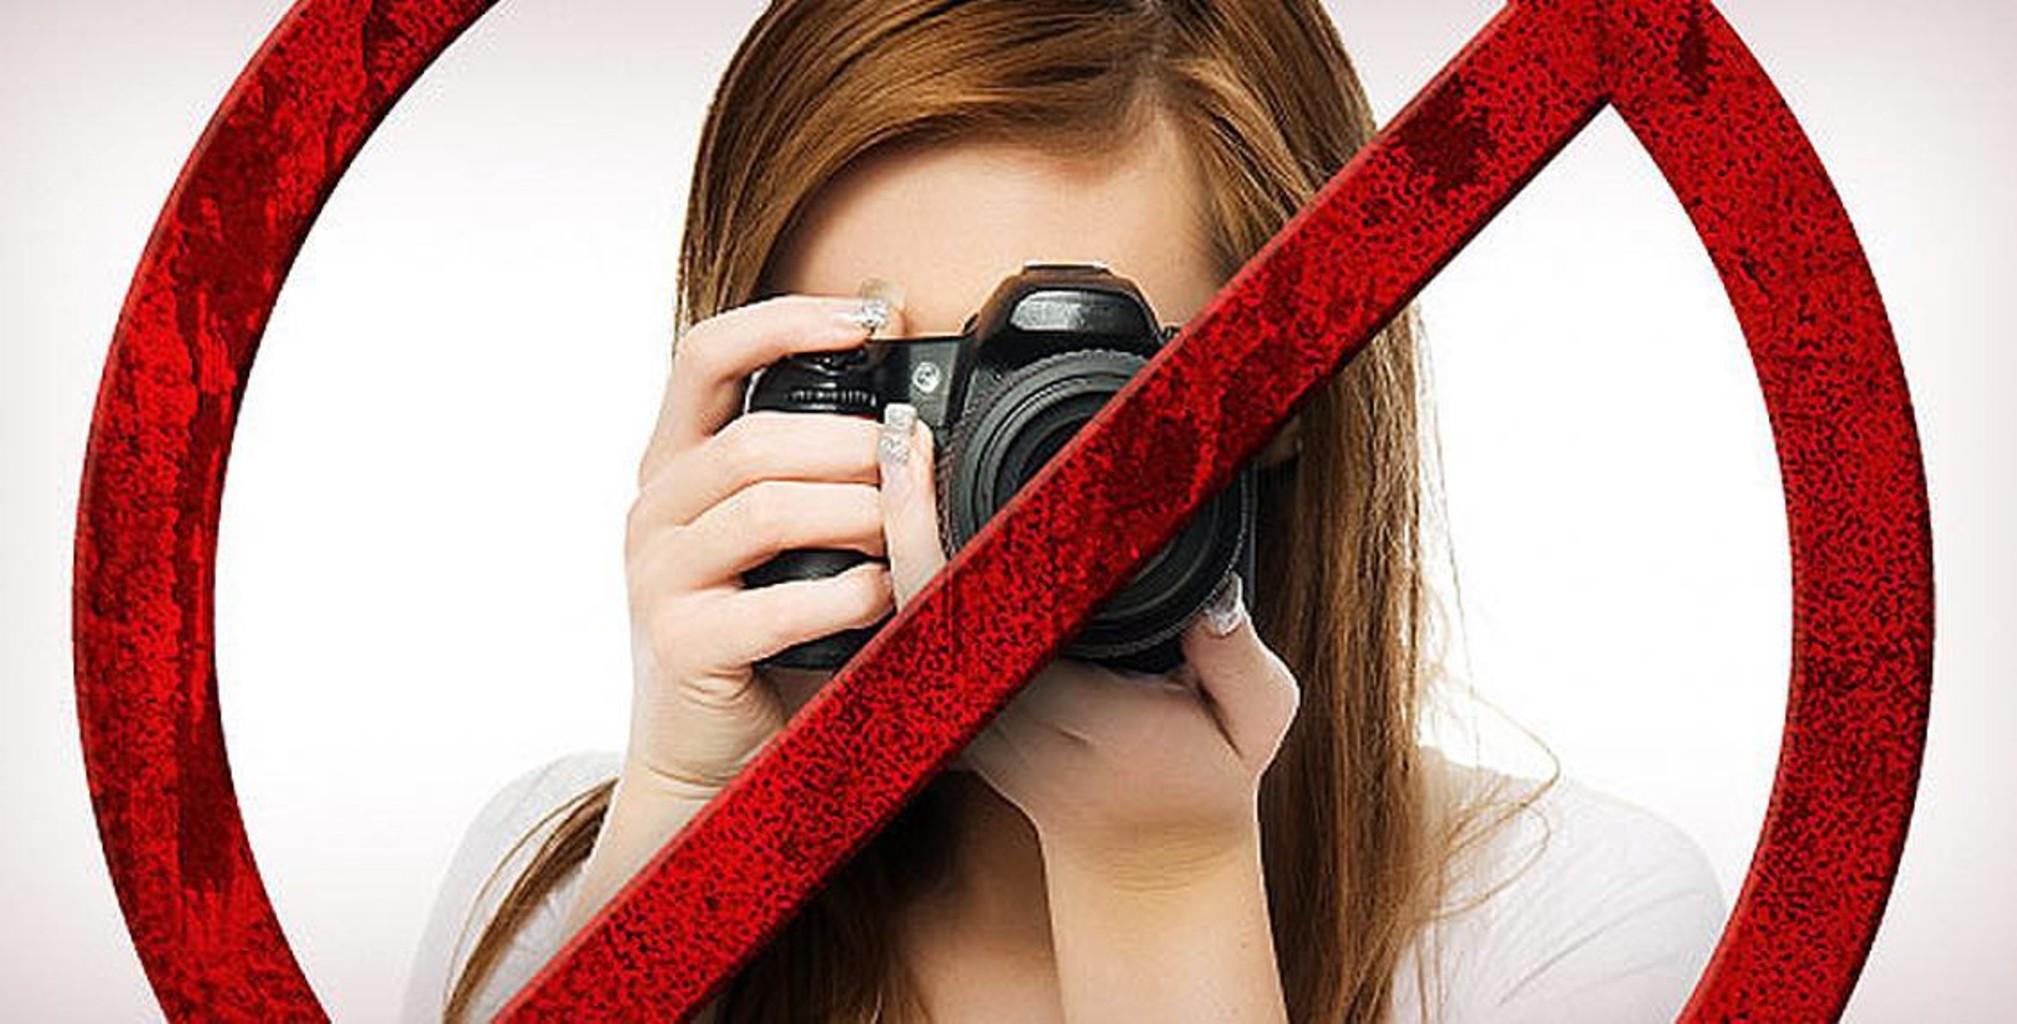 где можно фотографировать без разрешения фото лучшие артисты